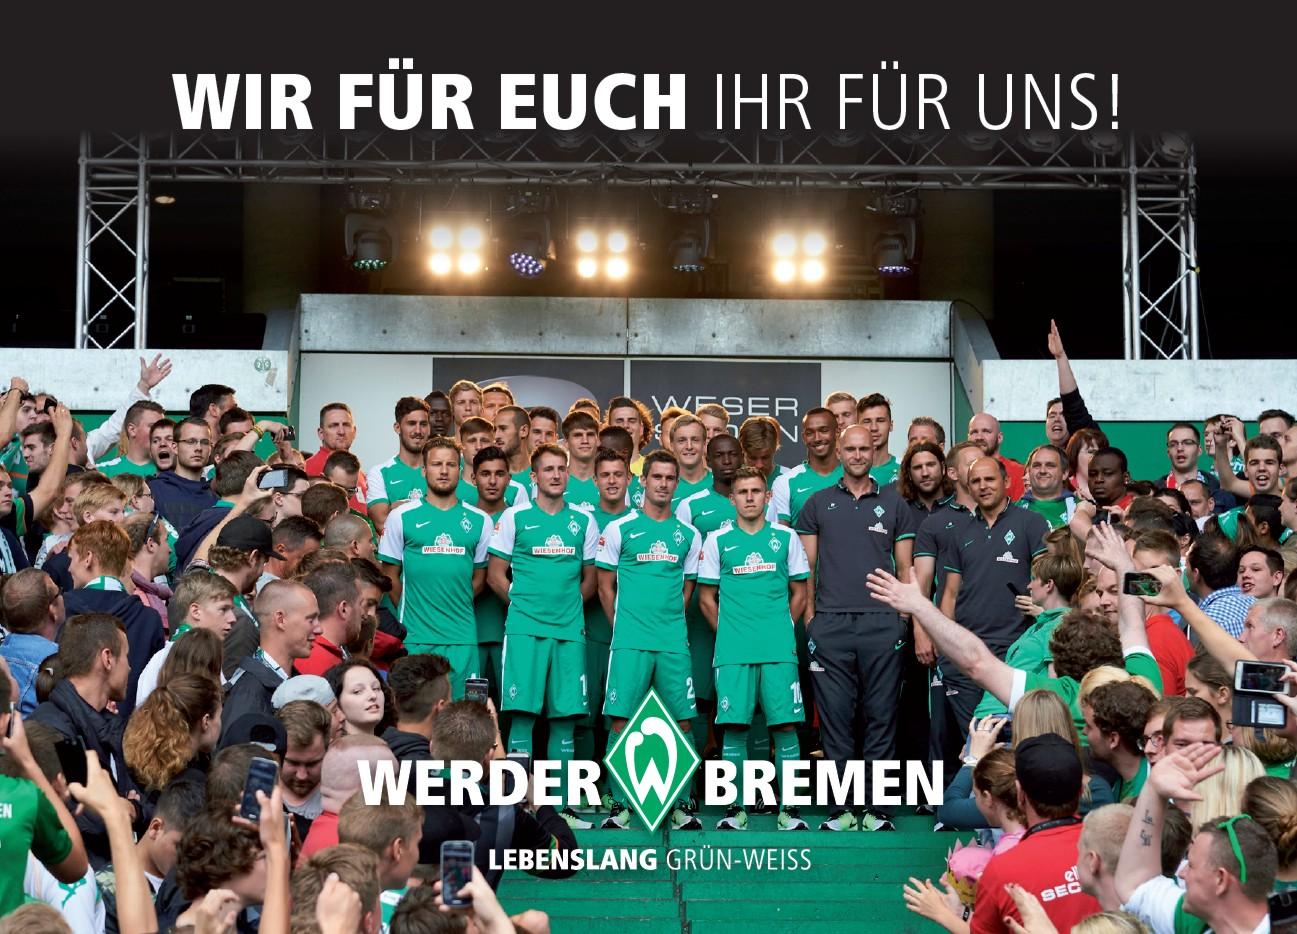 citycards_werderbremen_wir_fuer_euch